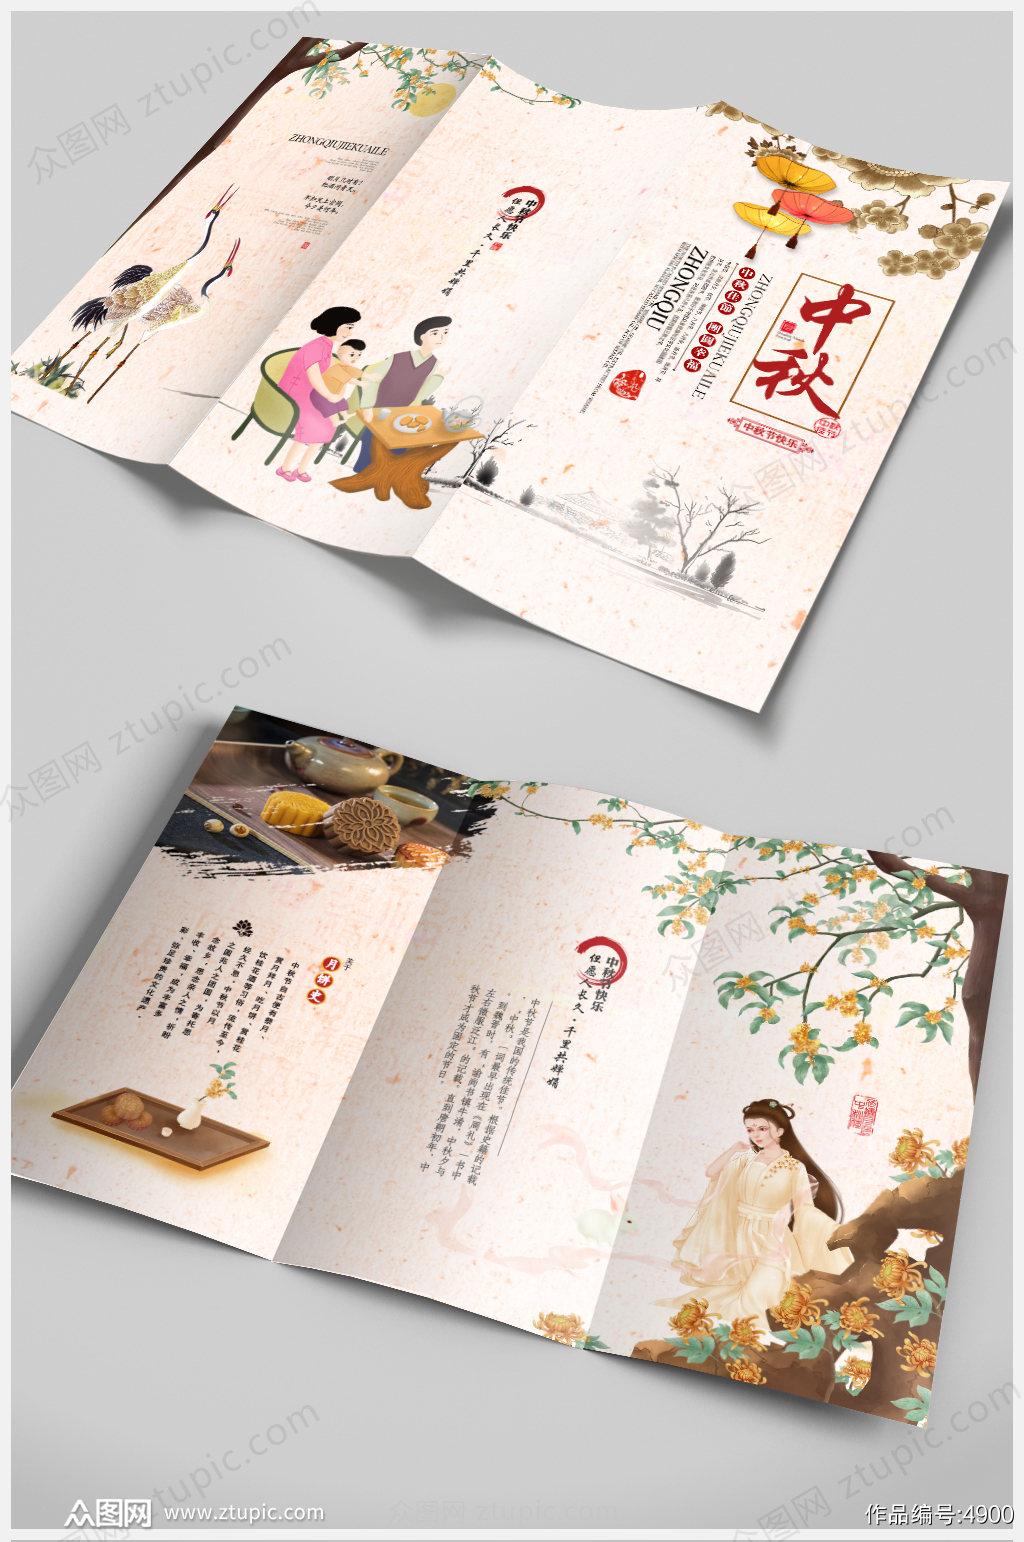 中国风中秋节月饼折页设计素材